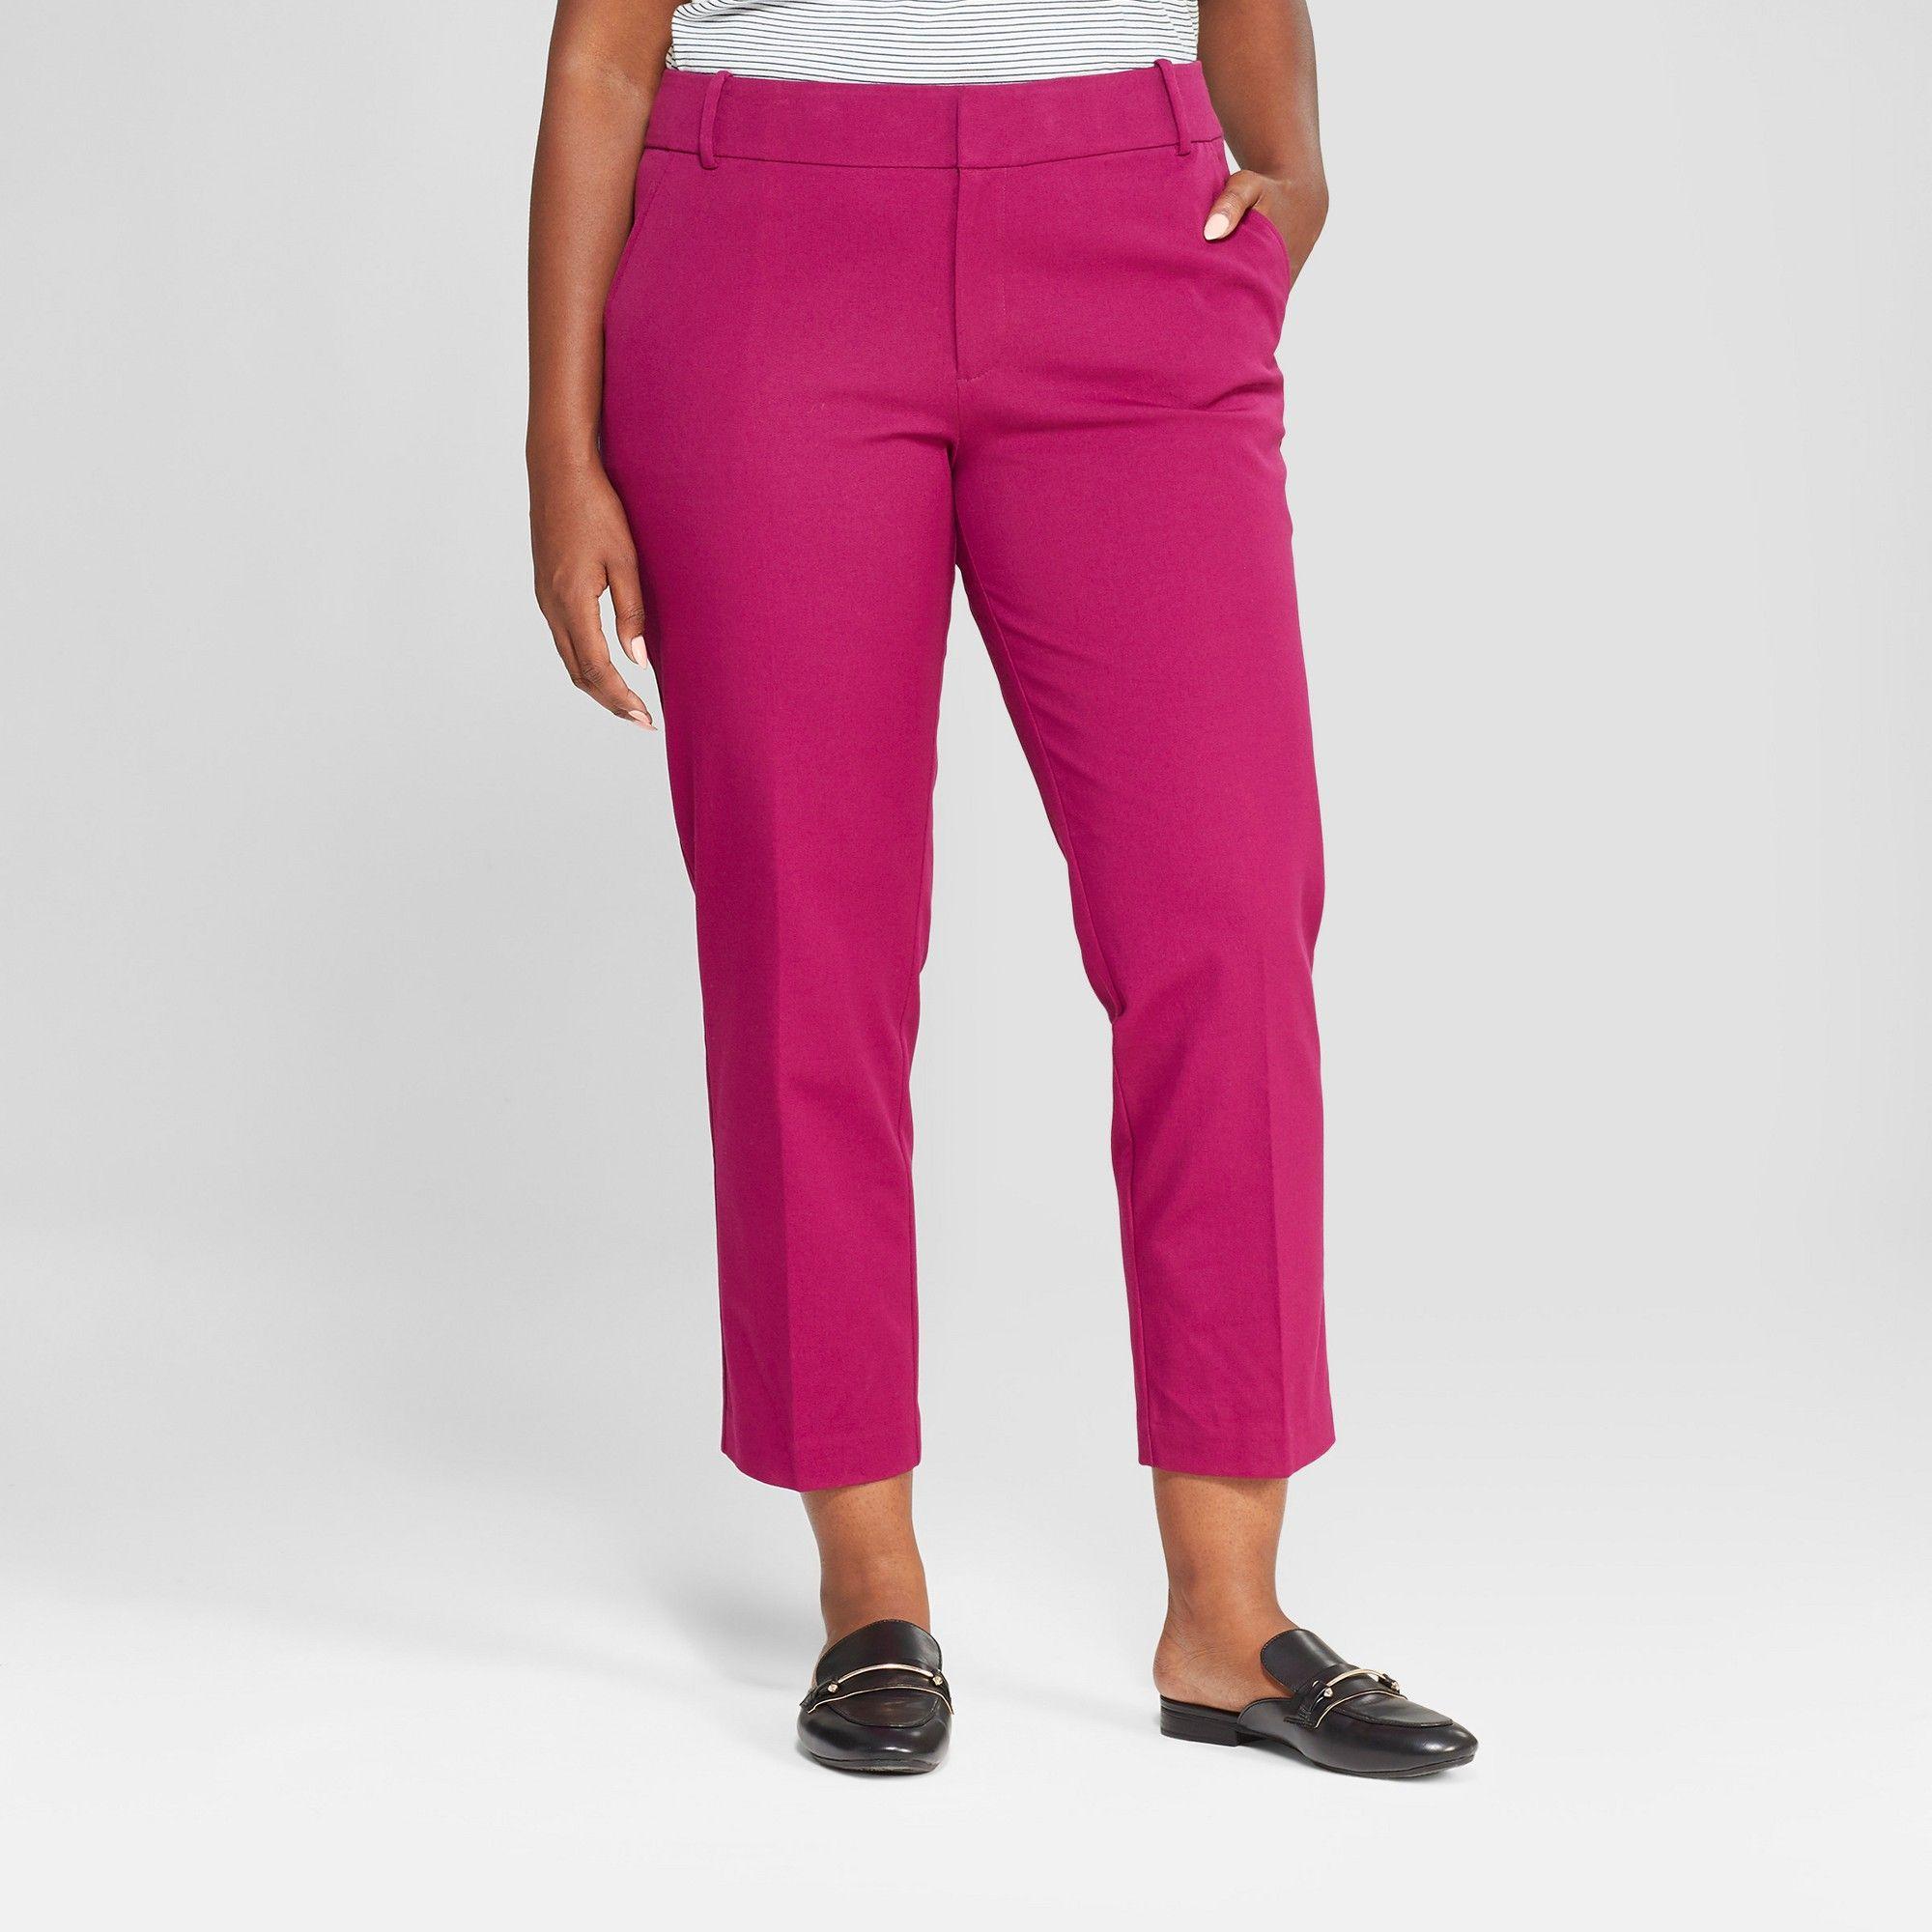 5859fe1d91f2 Women's Plus Size Ankle Pants - Ava & Viv Magenta (Pink) 24W ...